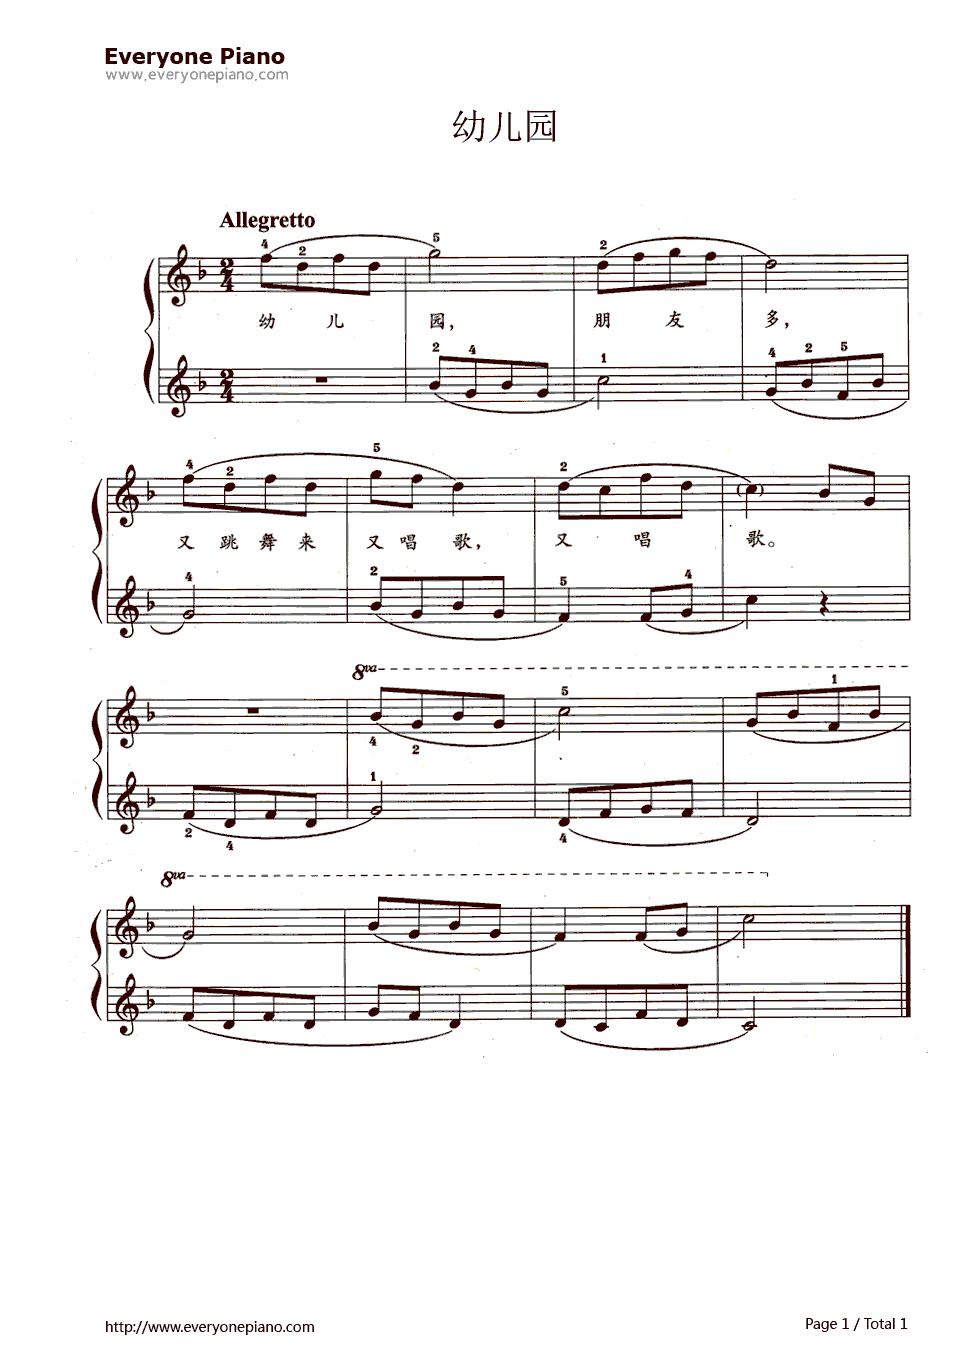 网站首页 钢琴曲谱 练习曲 幼儿园 >> 幼儿园五线谱预览1  * 仅供学习